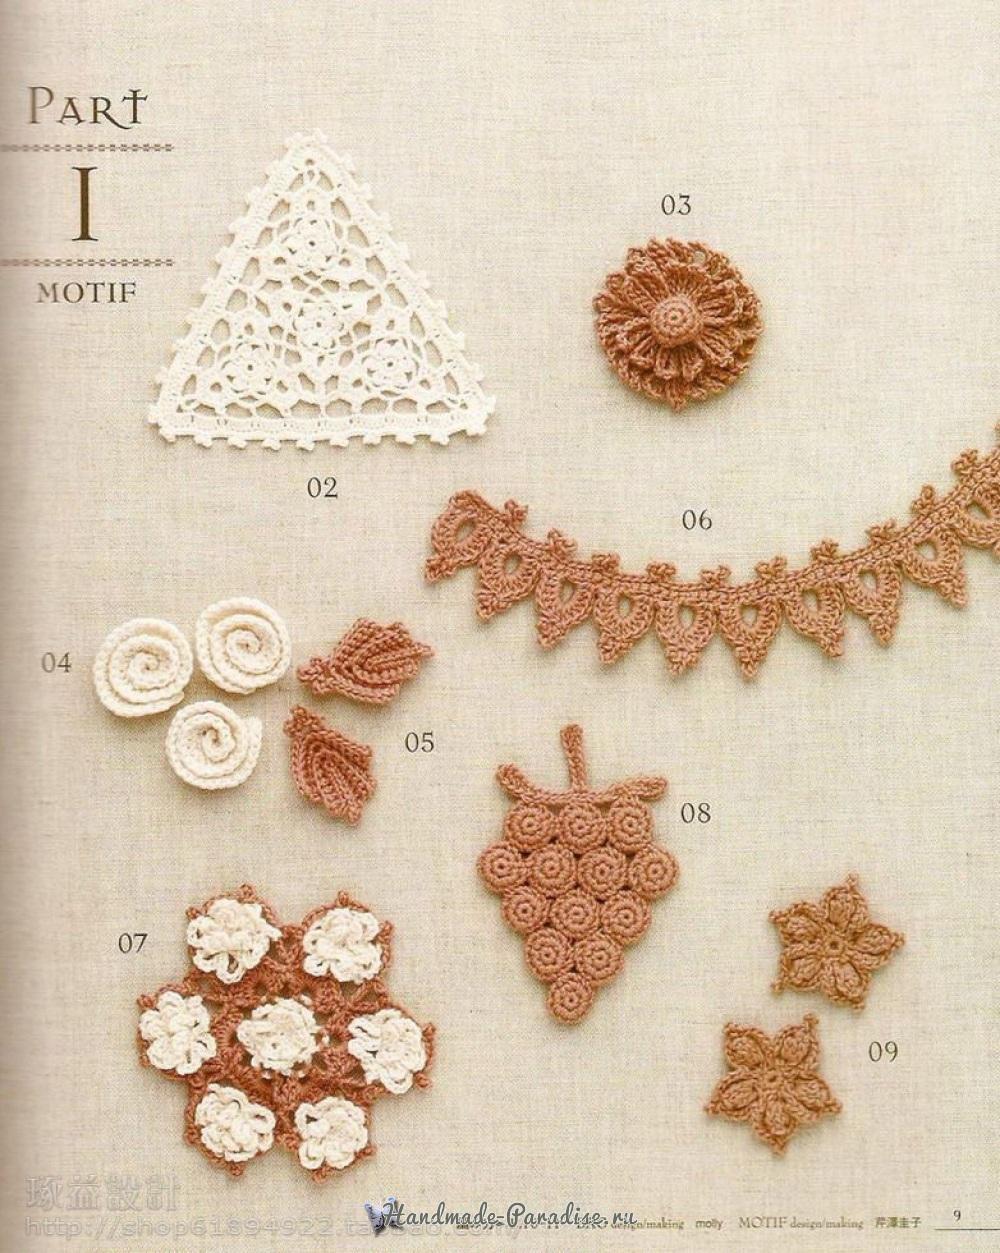 Вязание сумок из полиэтиленовой пряжи. Японский журнал (8)